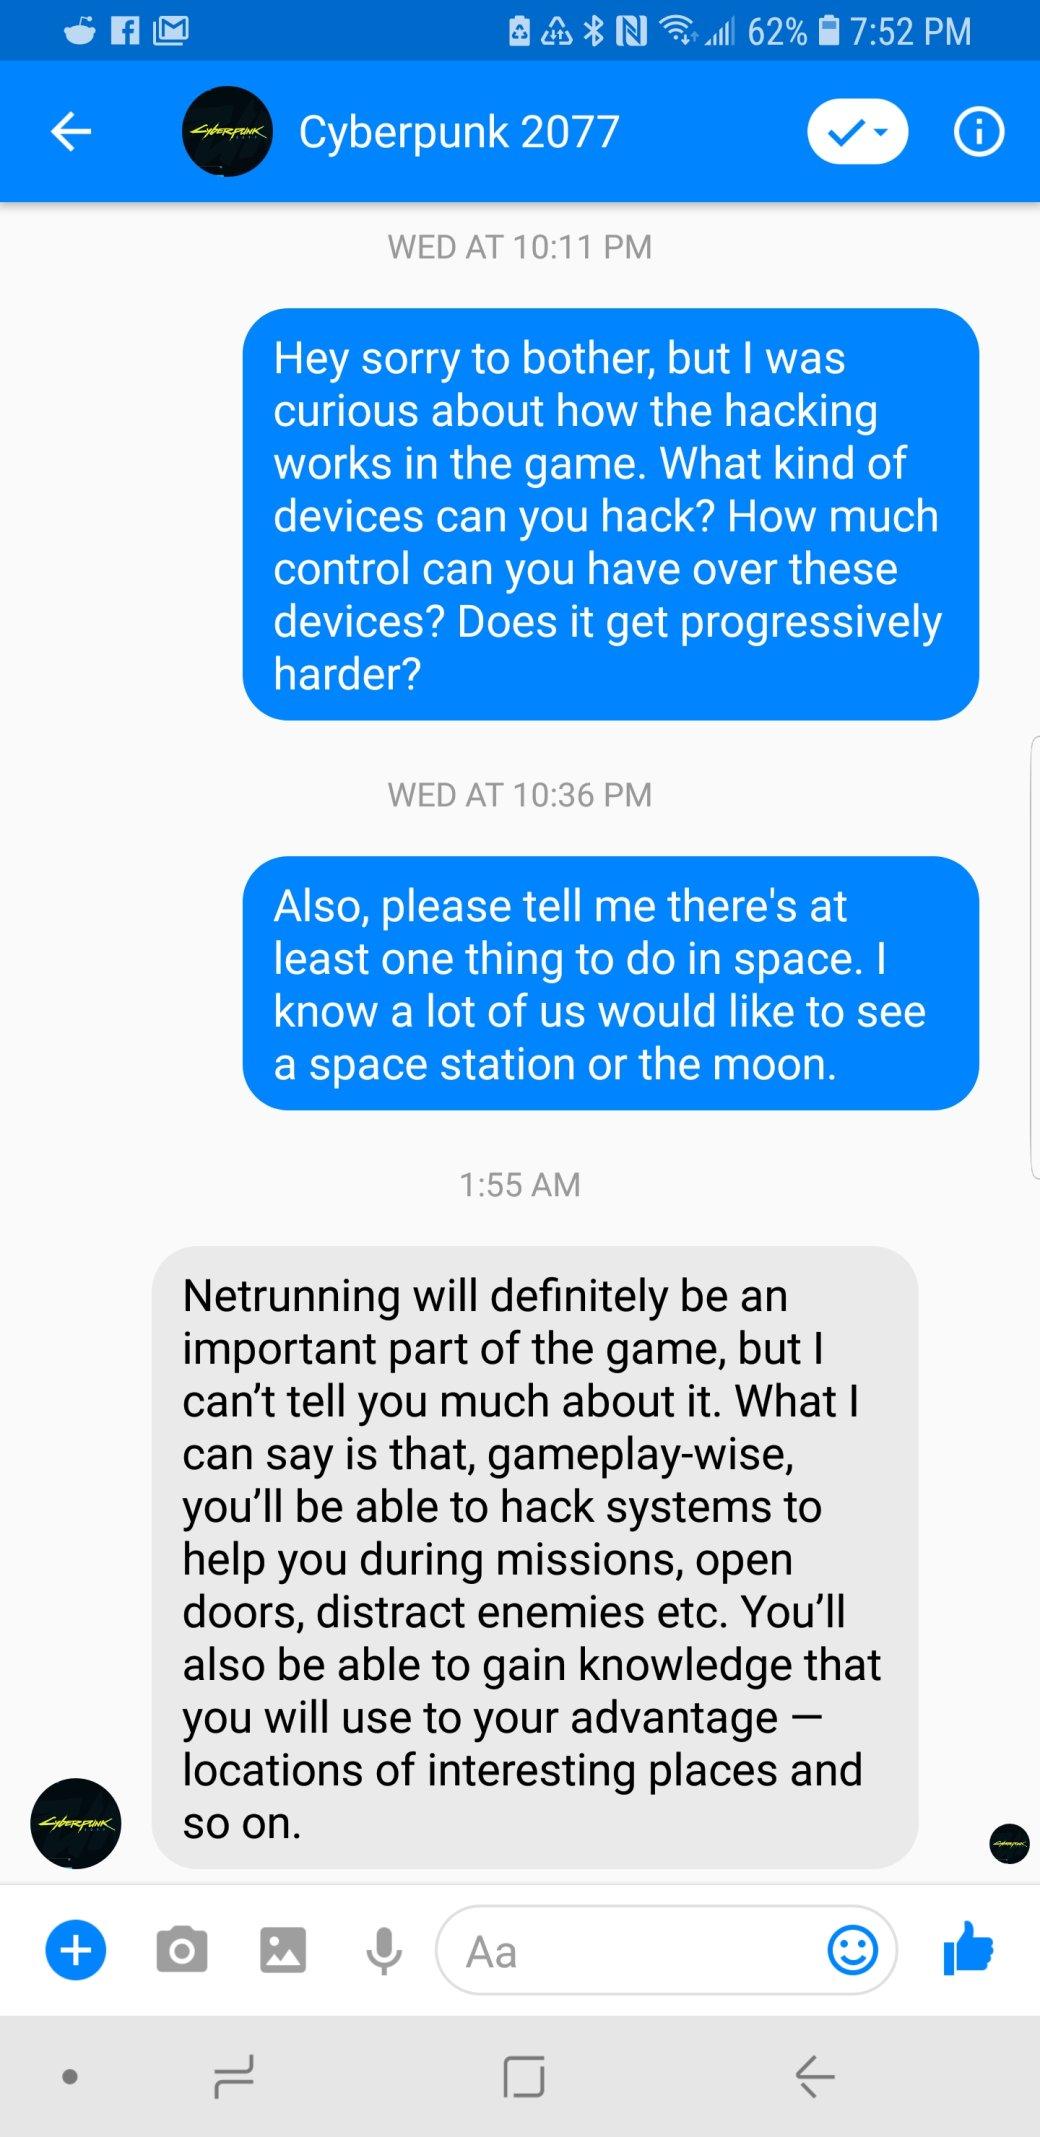 Механика взлома в Cyberpunk 2077 пригодится не только во время прохождения заданий | Канобу - Изображение 2